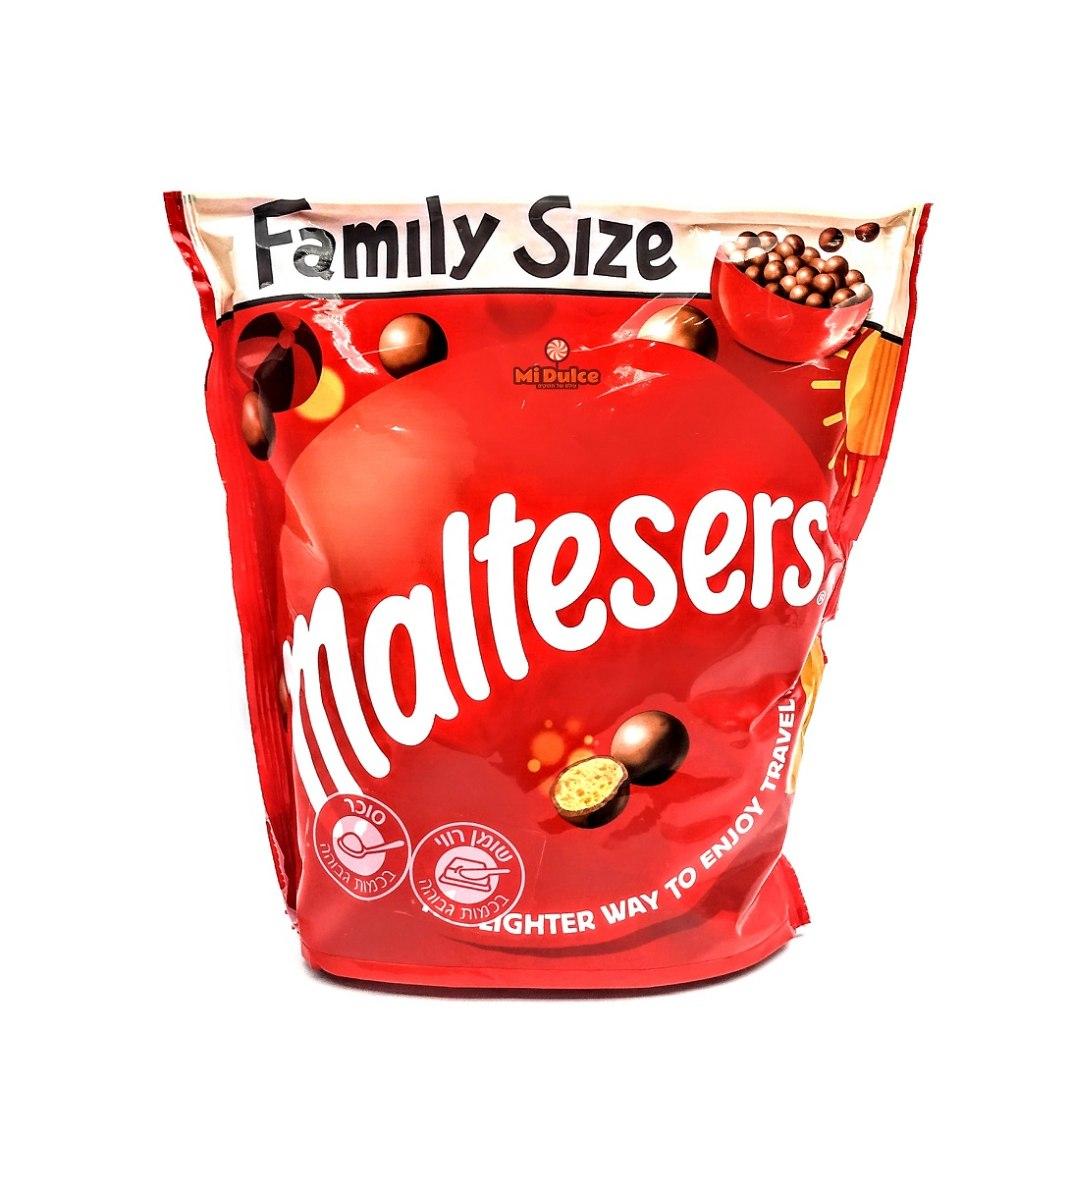 Maltesers Family Size